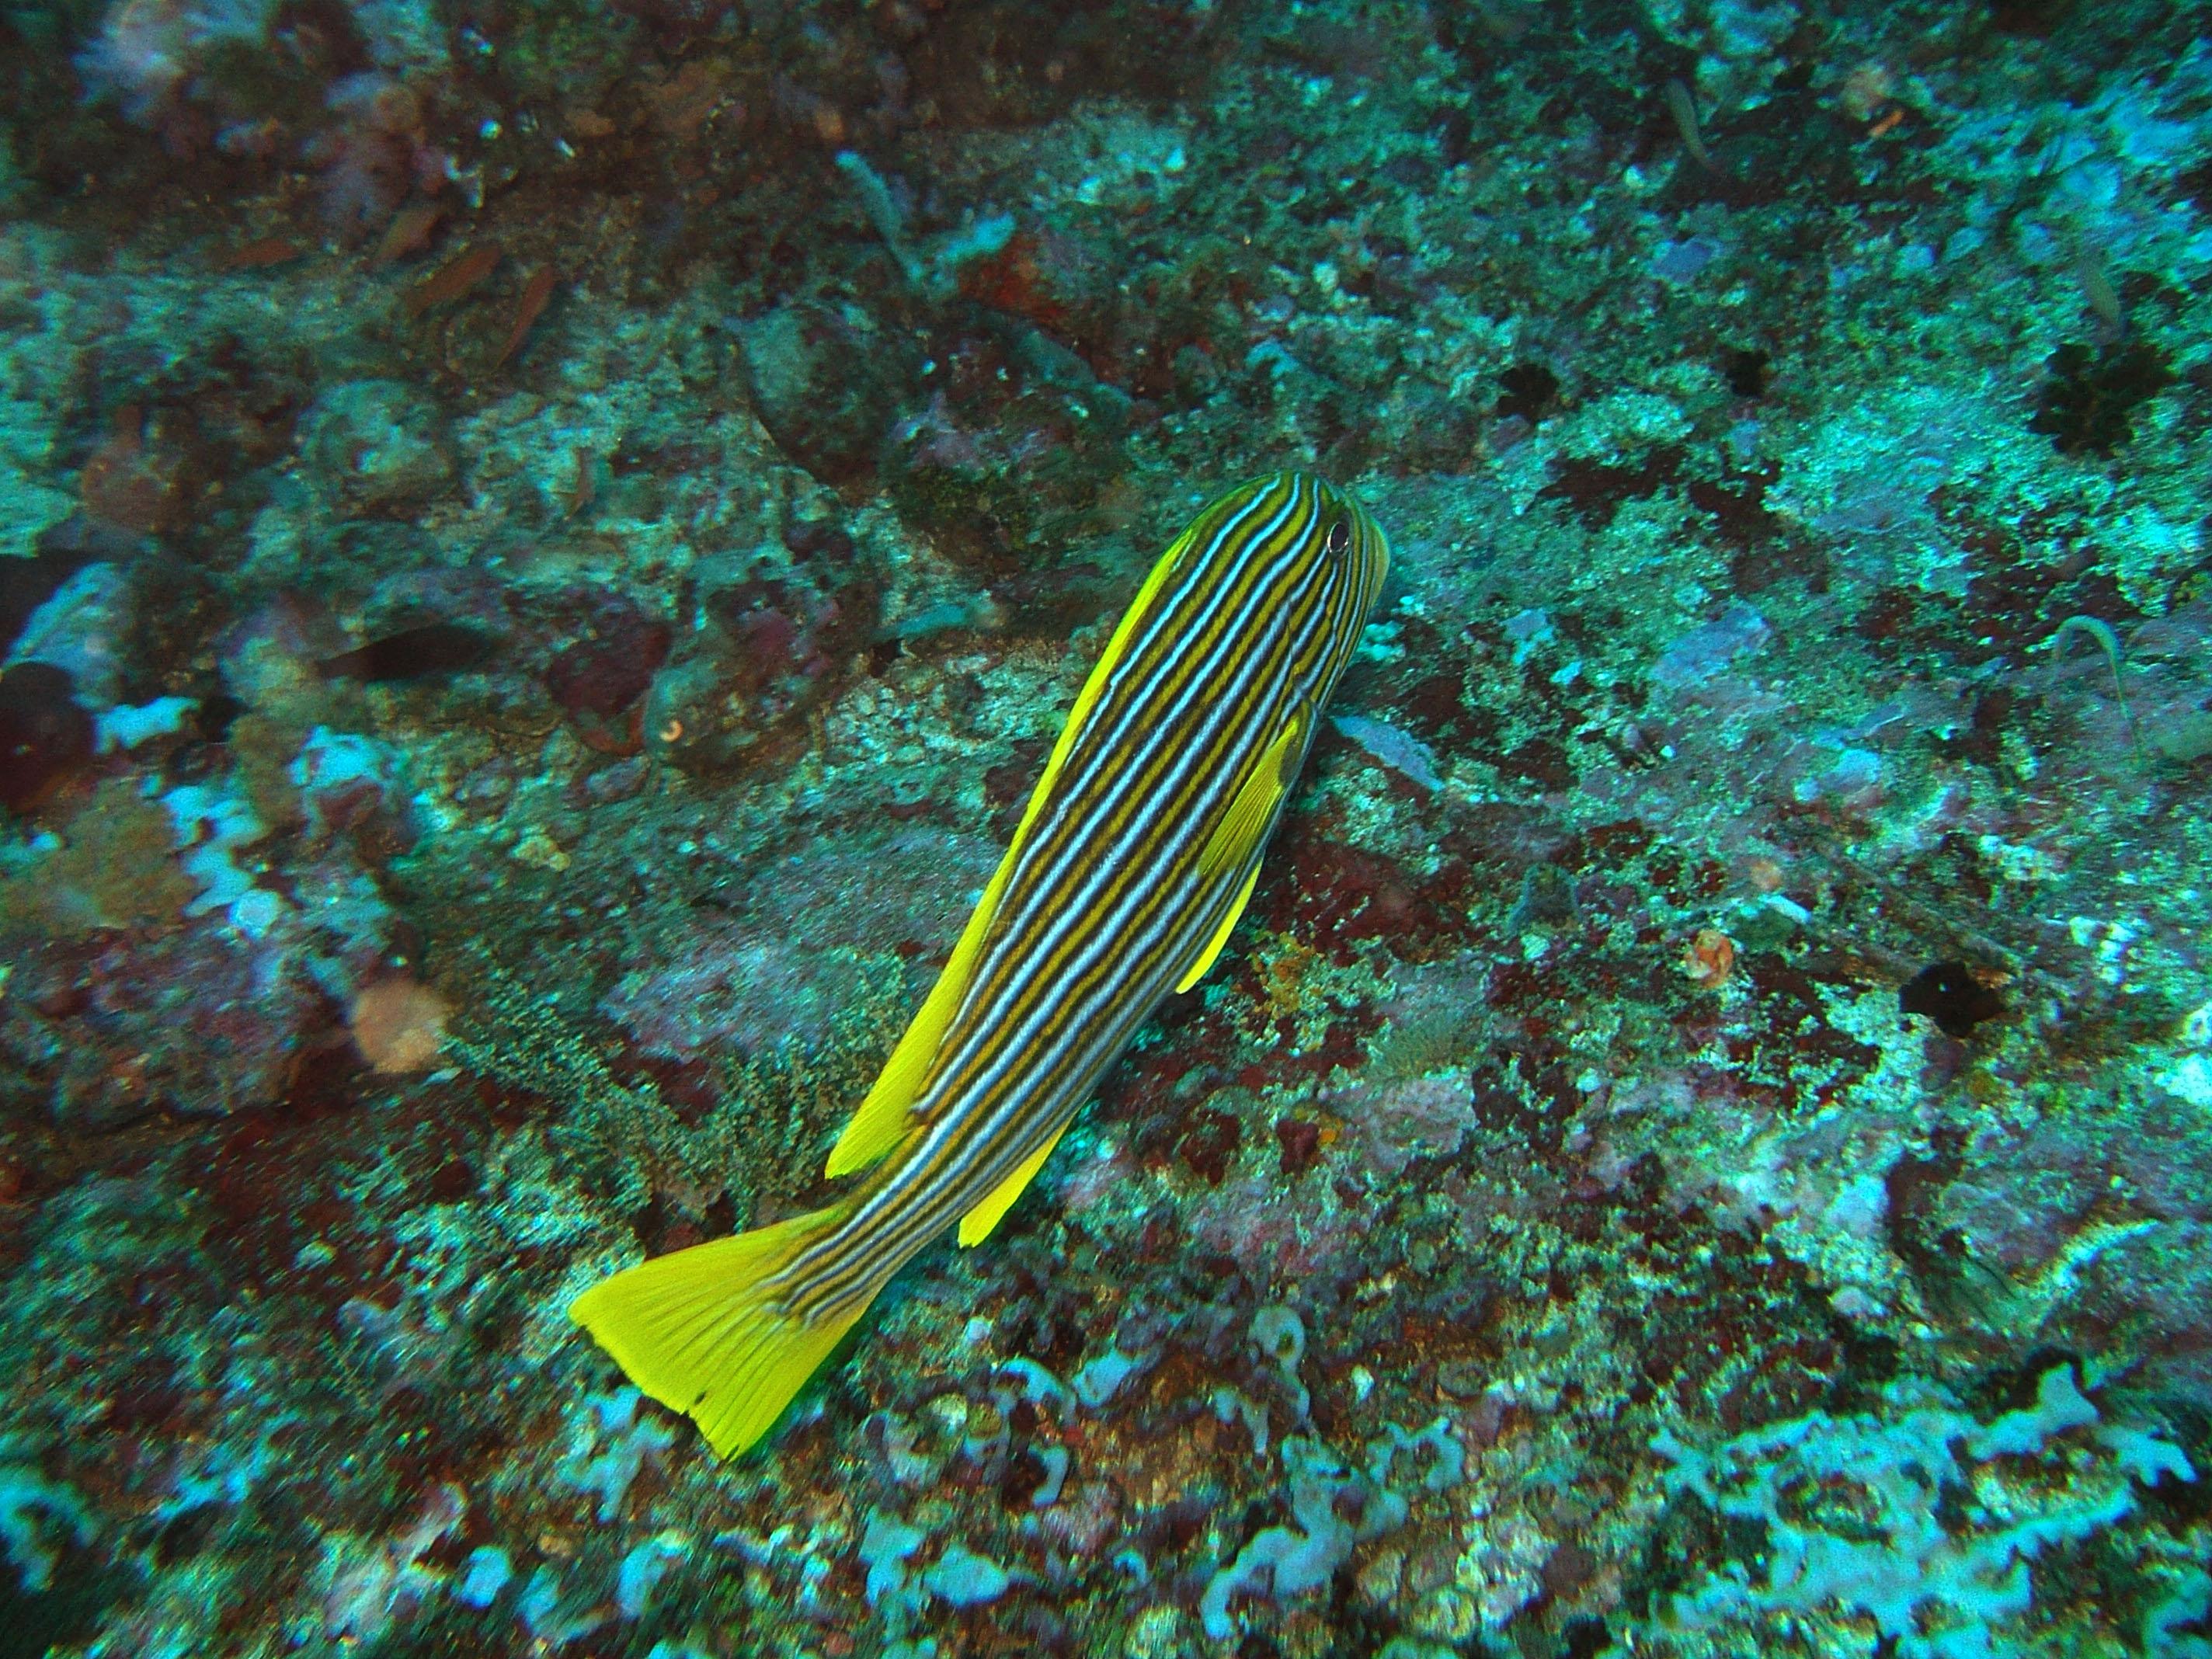 Dive 17 Philippines Mindoro Sabang Fish Bowl Oct 2005 02